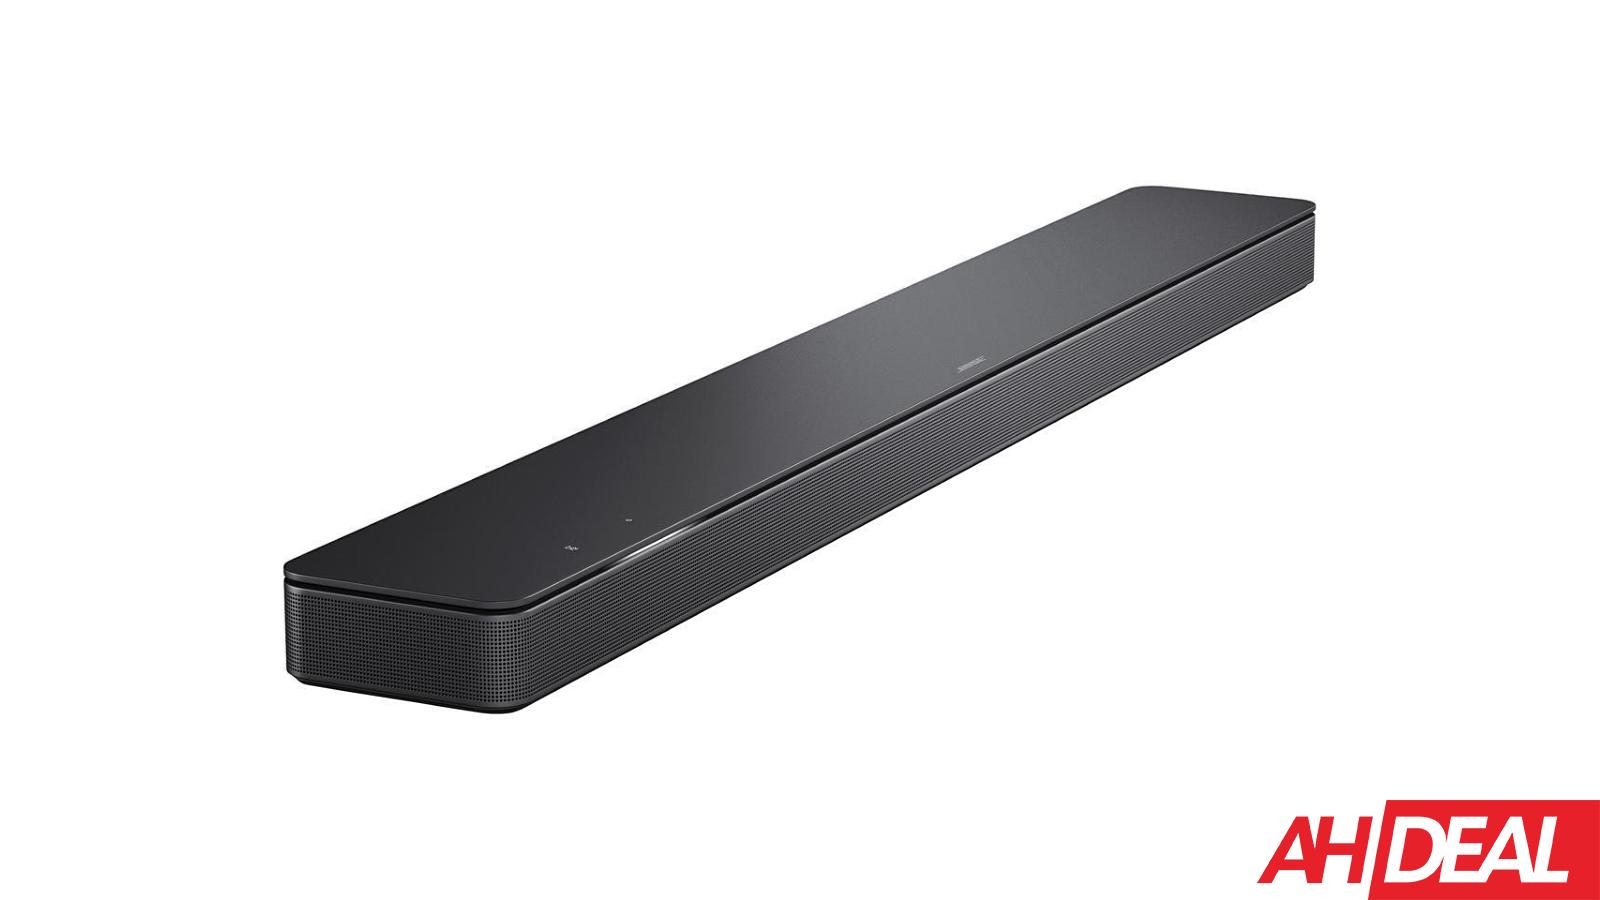 Bose Soundbar 500 With Alexa For $499 – Newegg Black Friday 2018 Deals